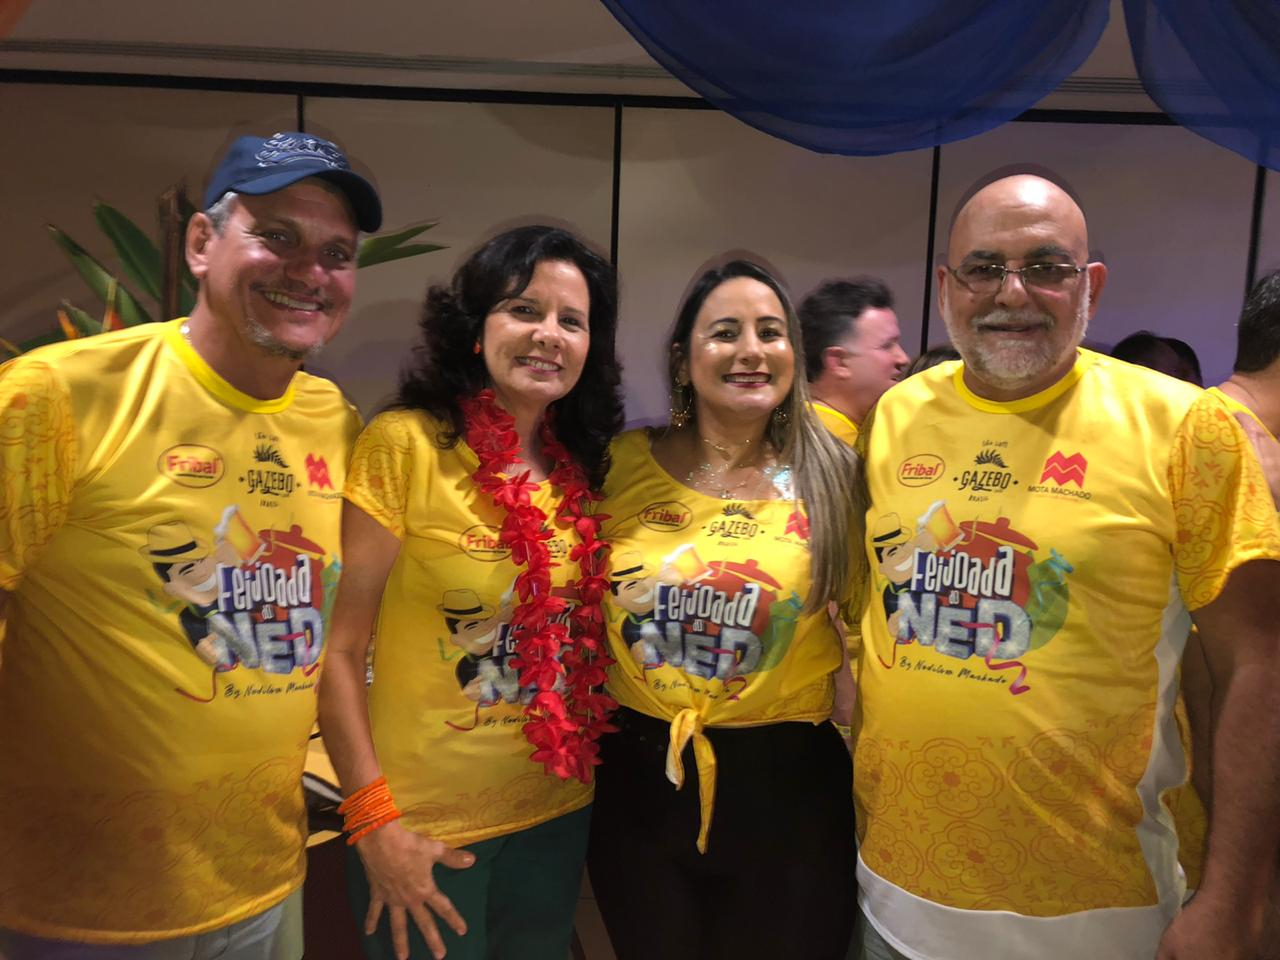 Fernanda Torres e Silas Diniz da Equatorial Energia MA.